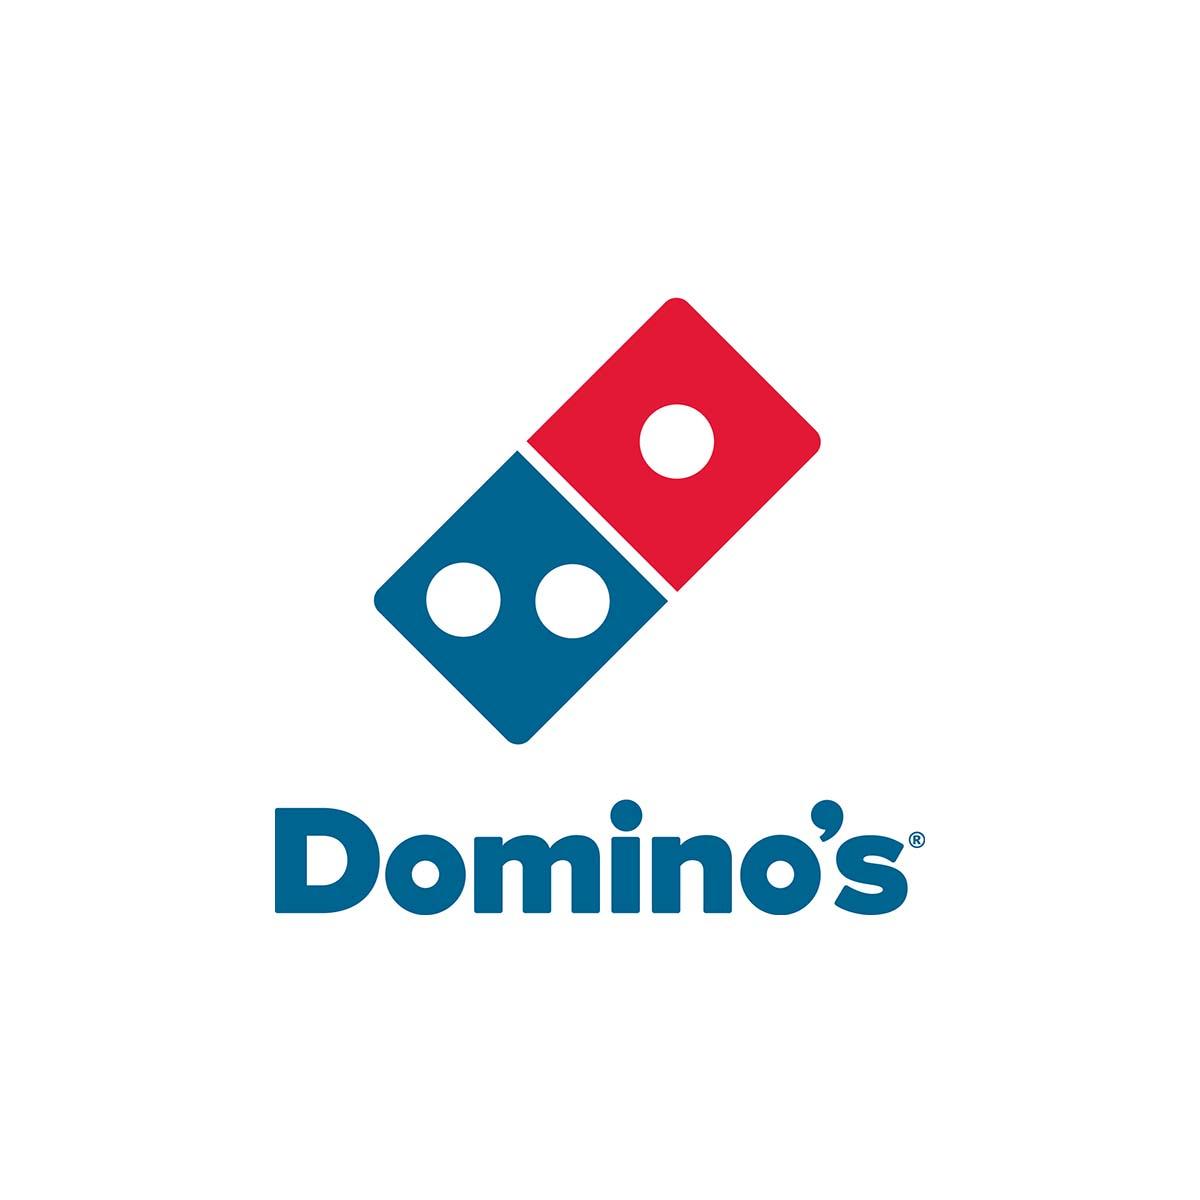 Freebie Produkt Gratis Dominos Pizza Eroffnung Rennweg